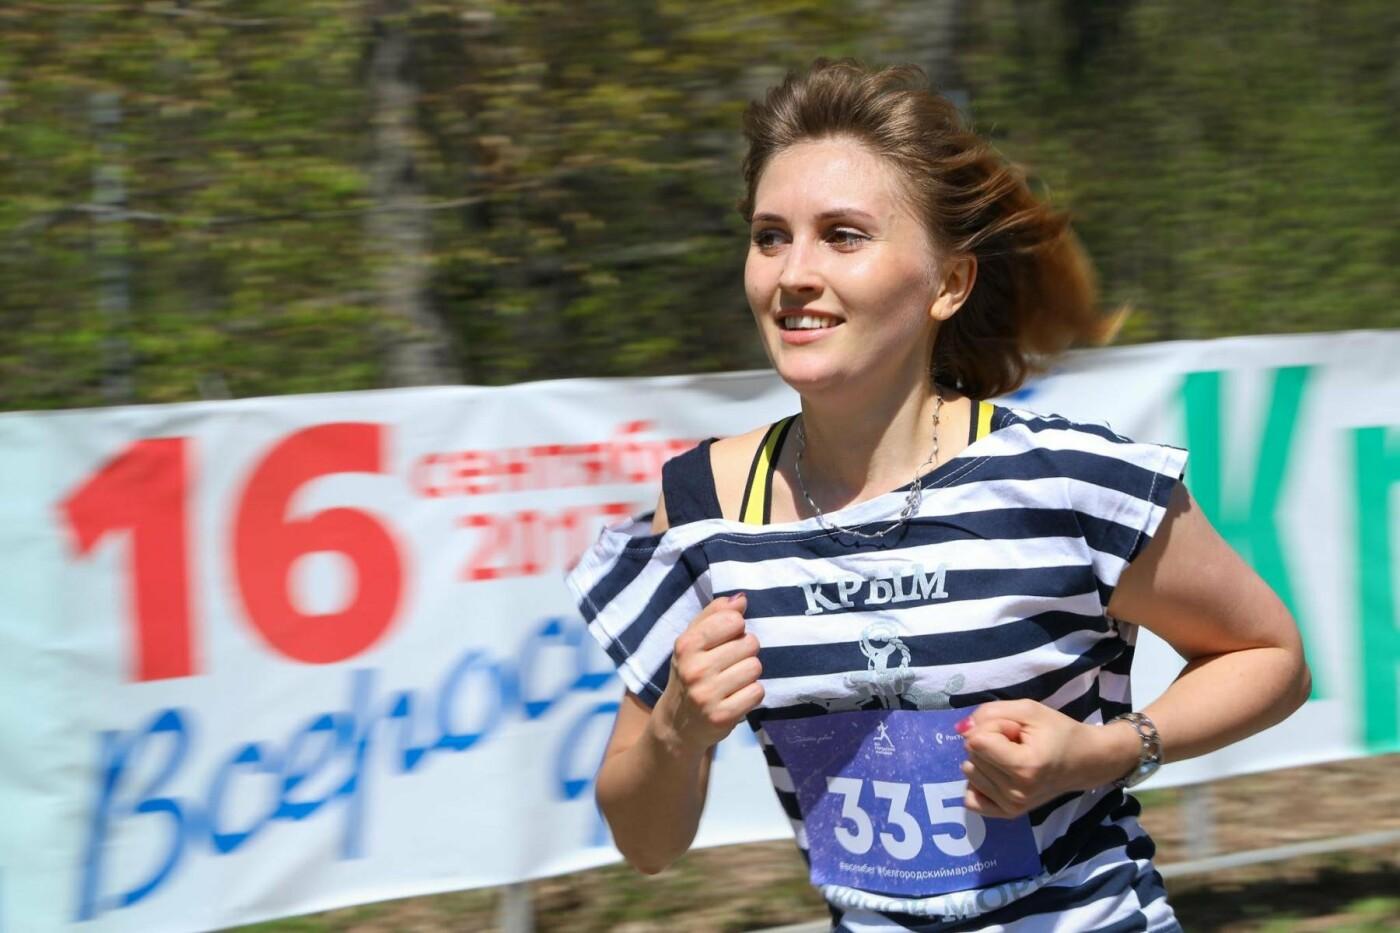 170 белгородцев участвовали в благотворительном марафоне ко Дню Победы, фото-7